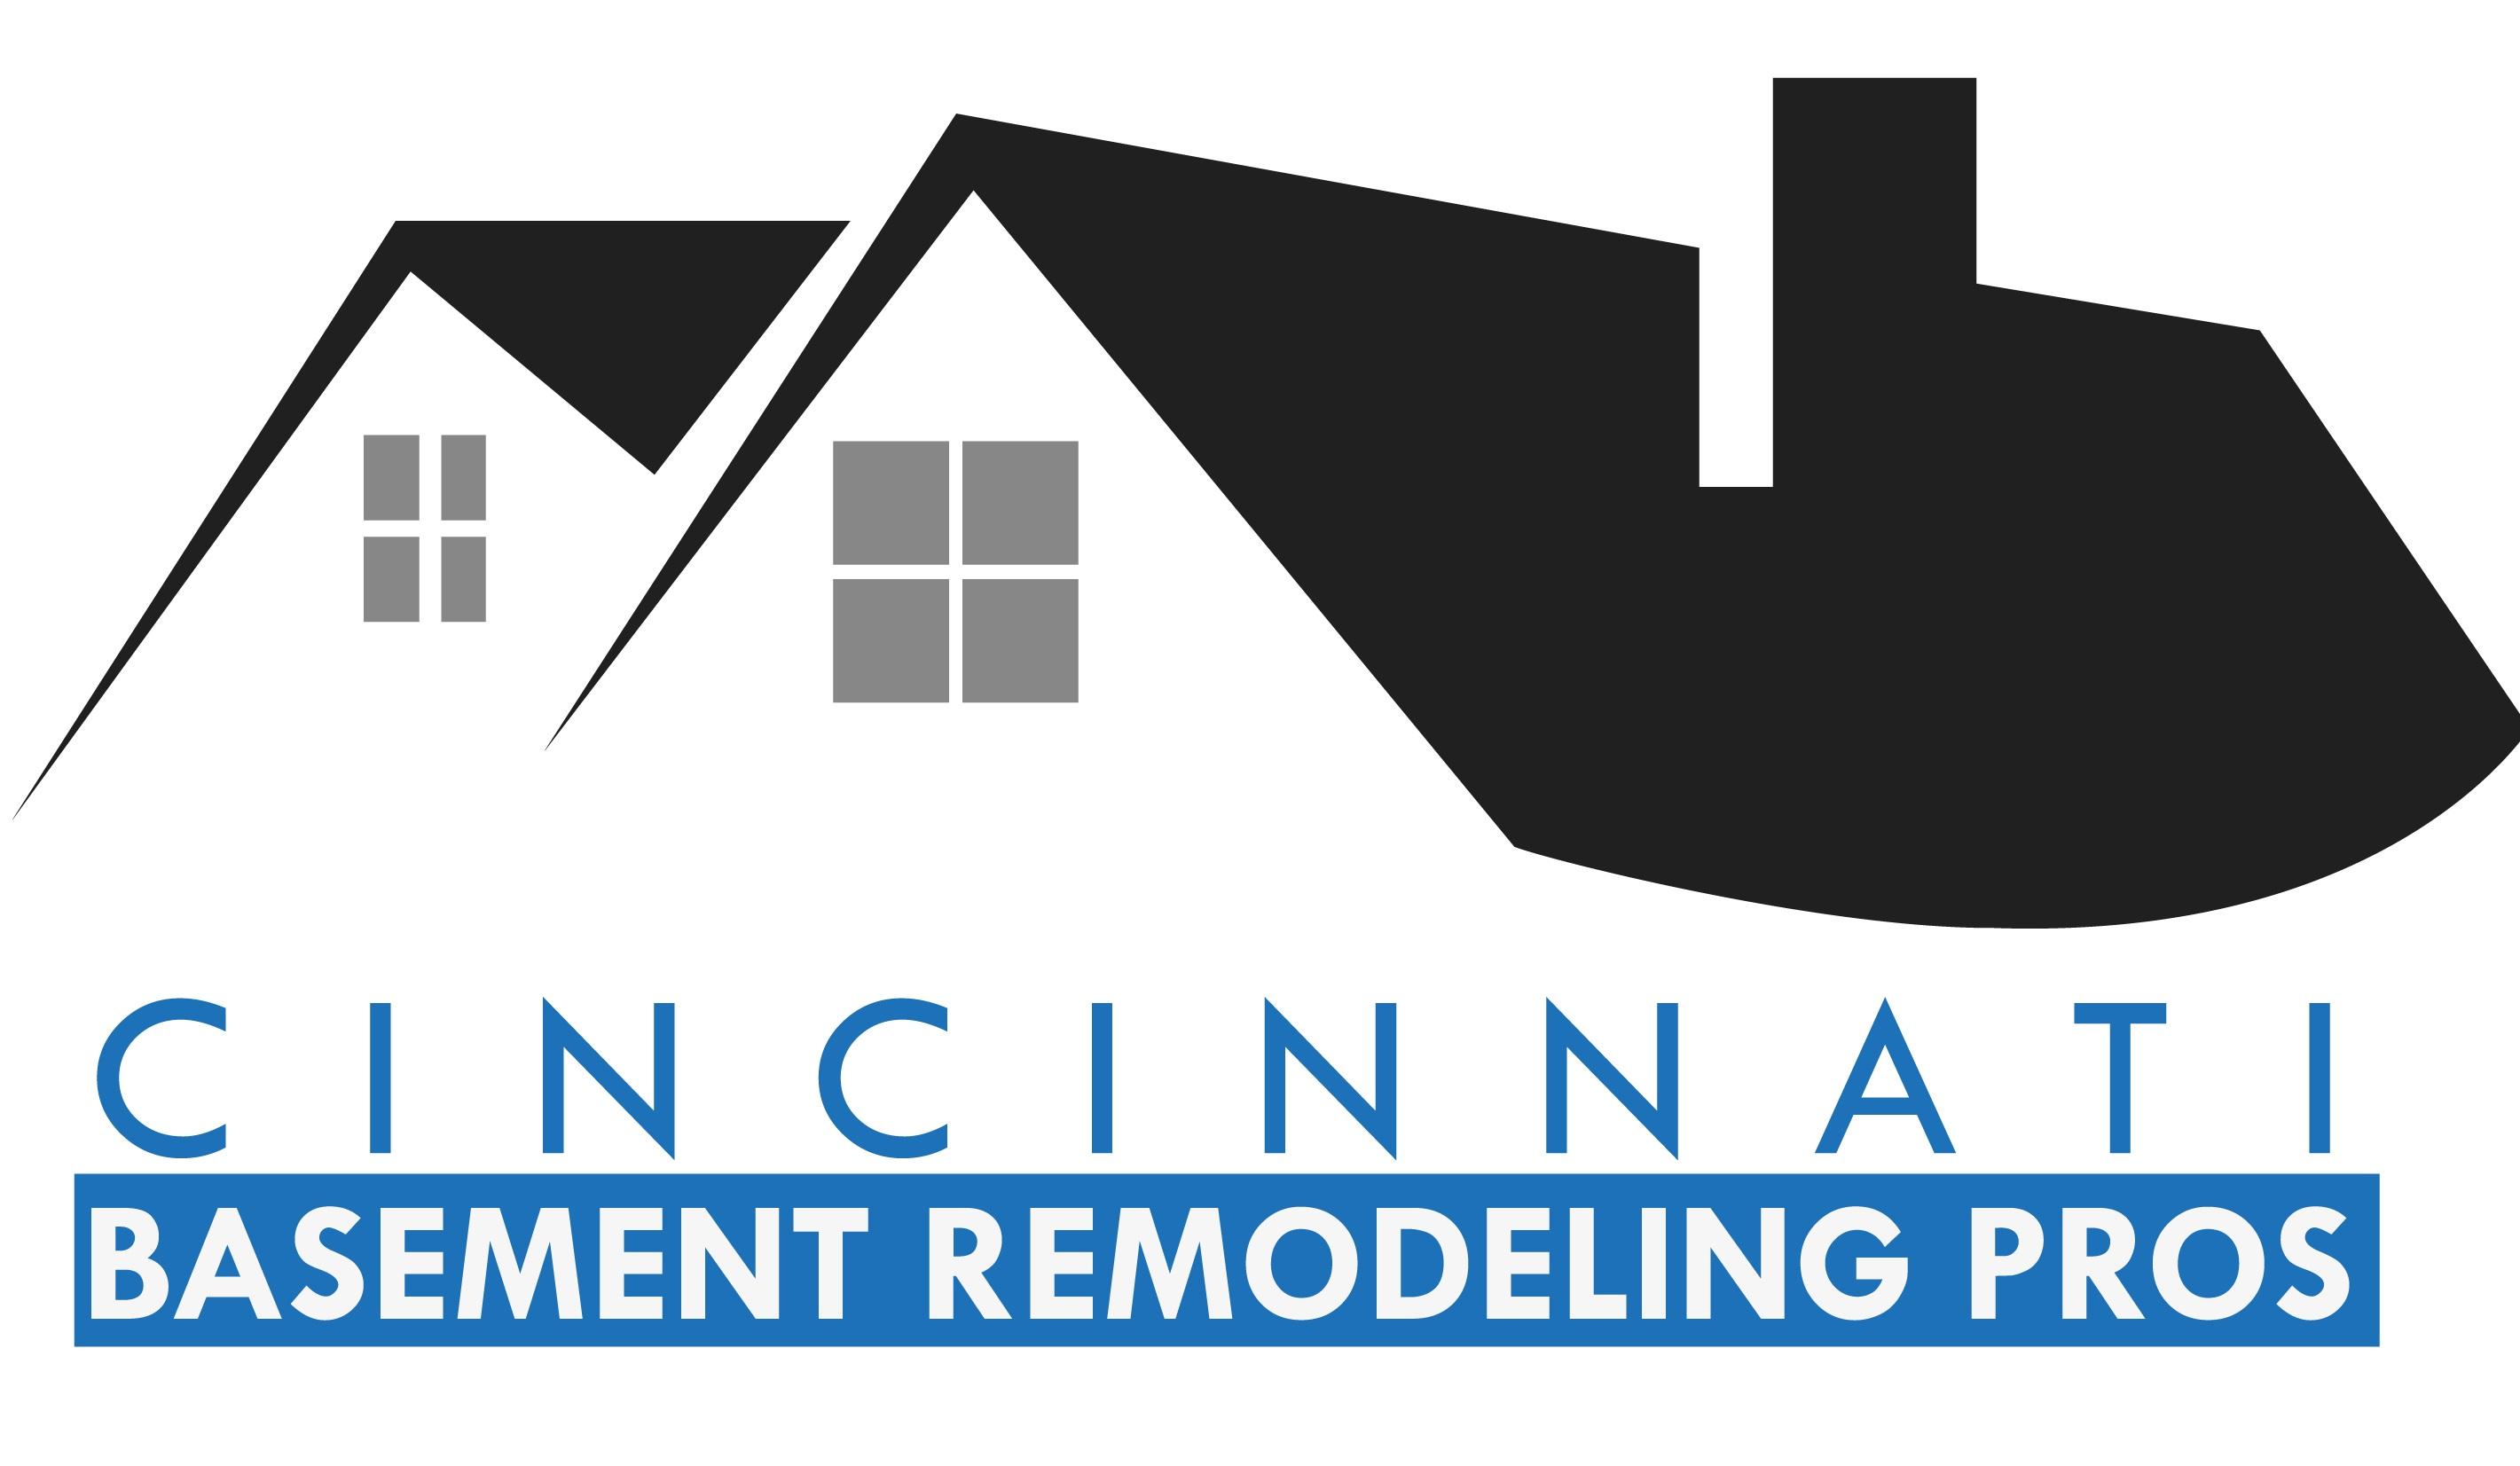 Cincinnati Basement Remodeling Pros